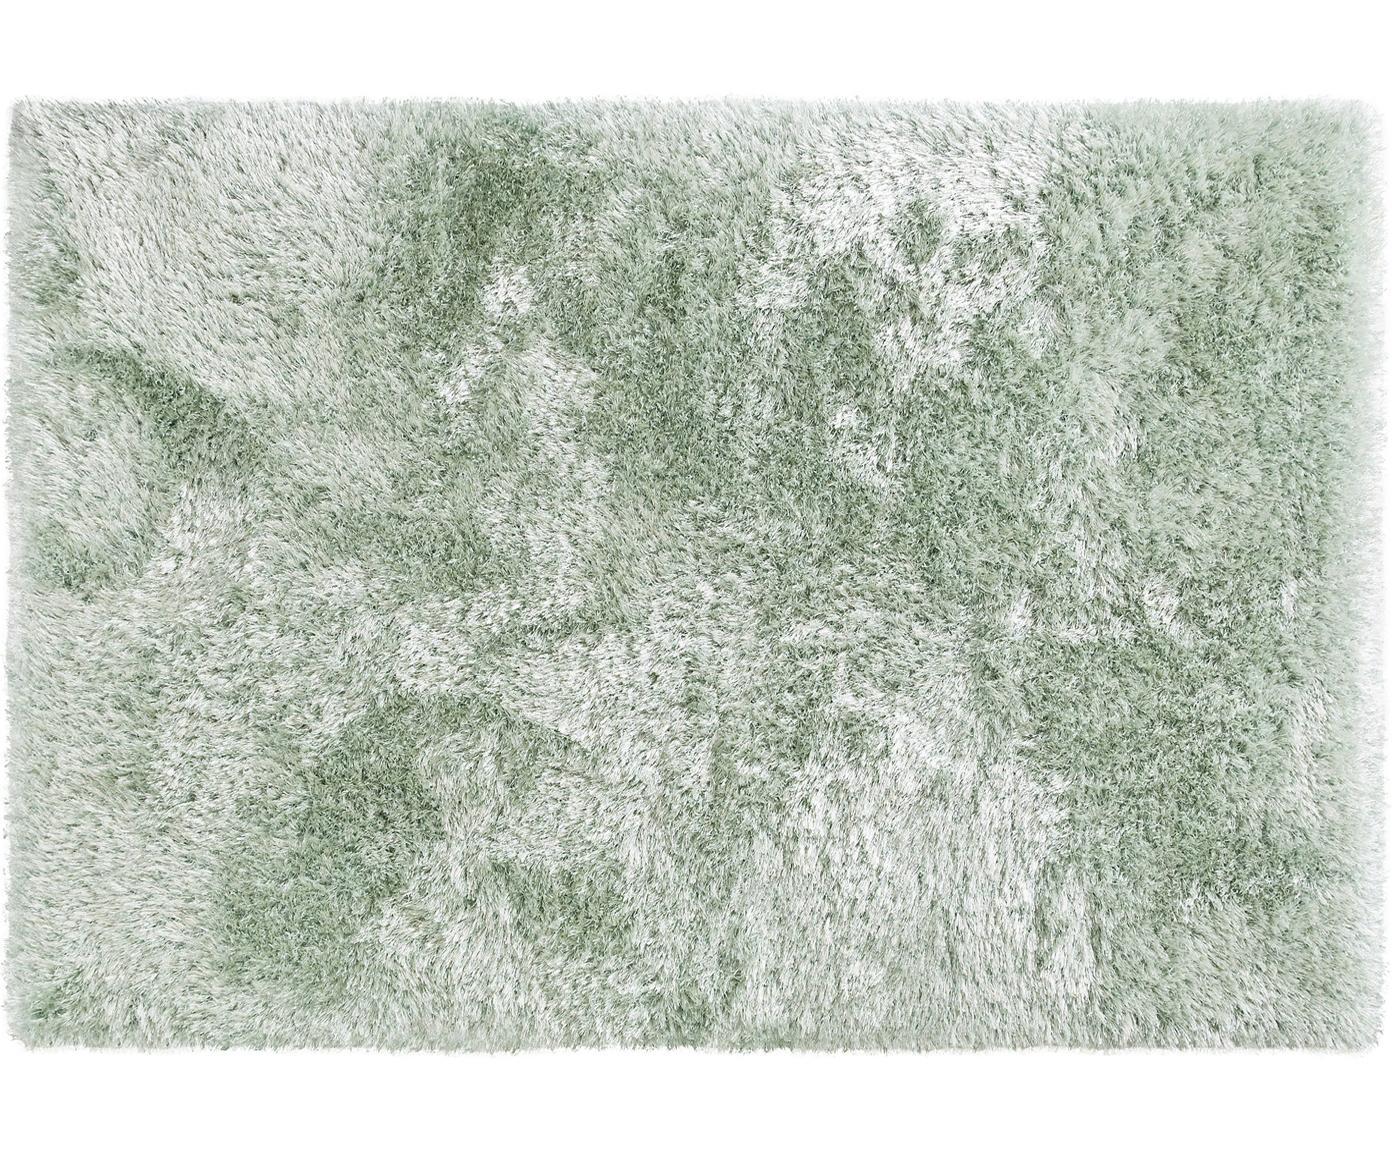 Glänzender Hochflor-Teppich Lea in Grün, 50% Polyester, 50% Polypropylen, Grün, B 140 x L 200 cm (Größe S)